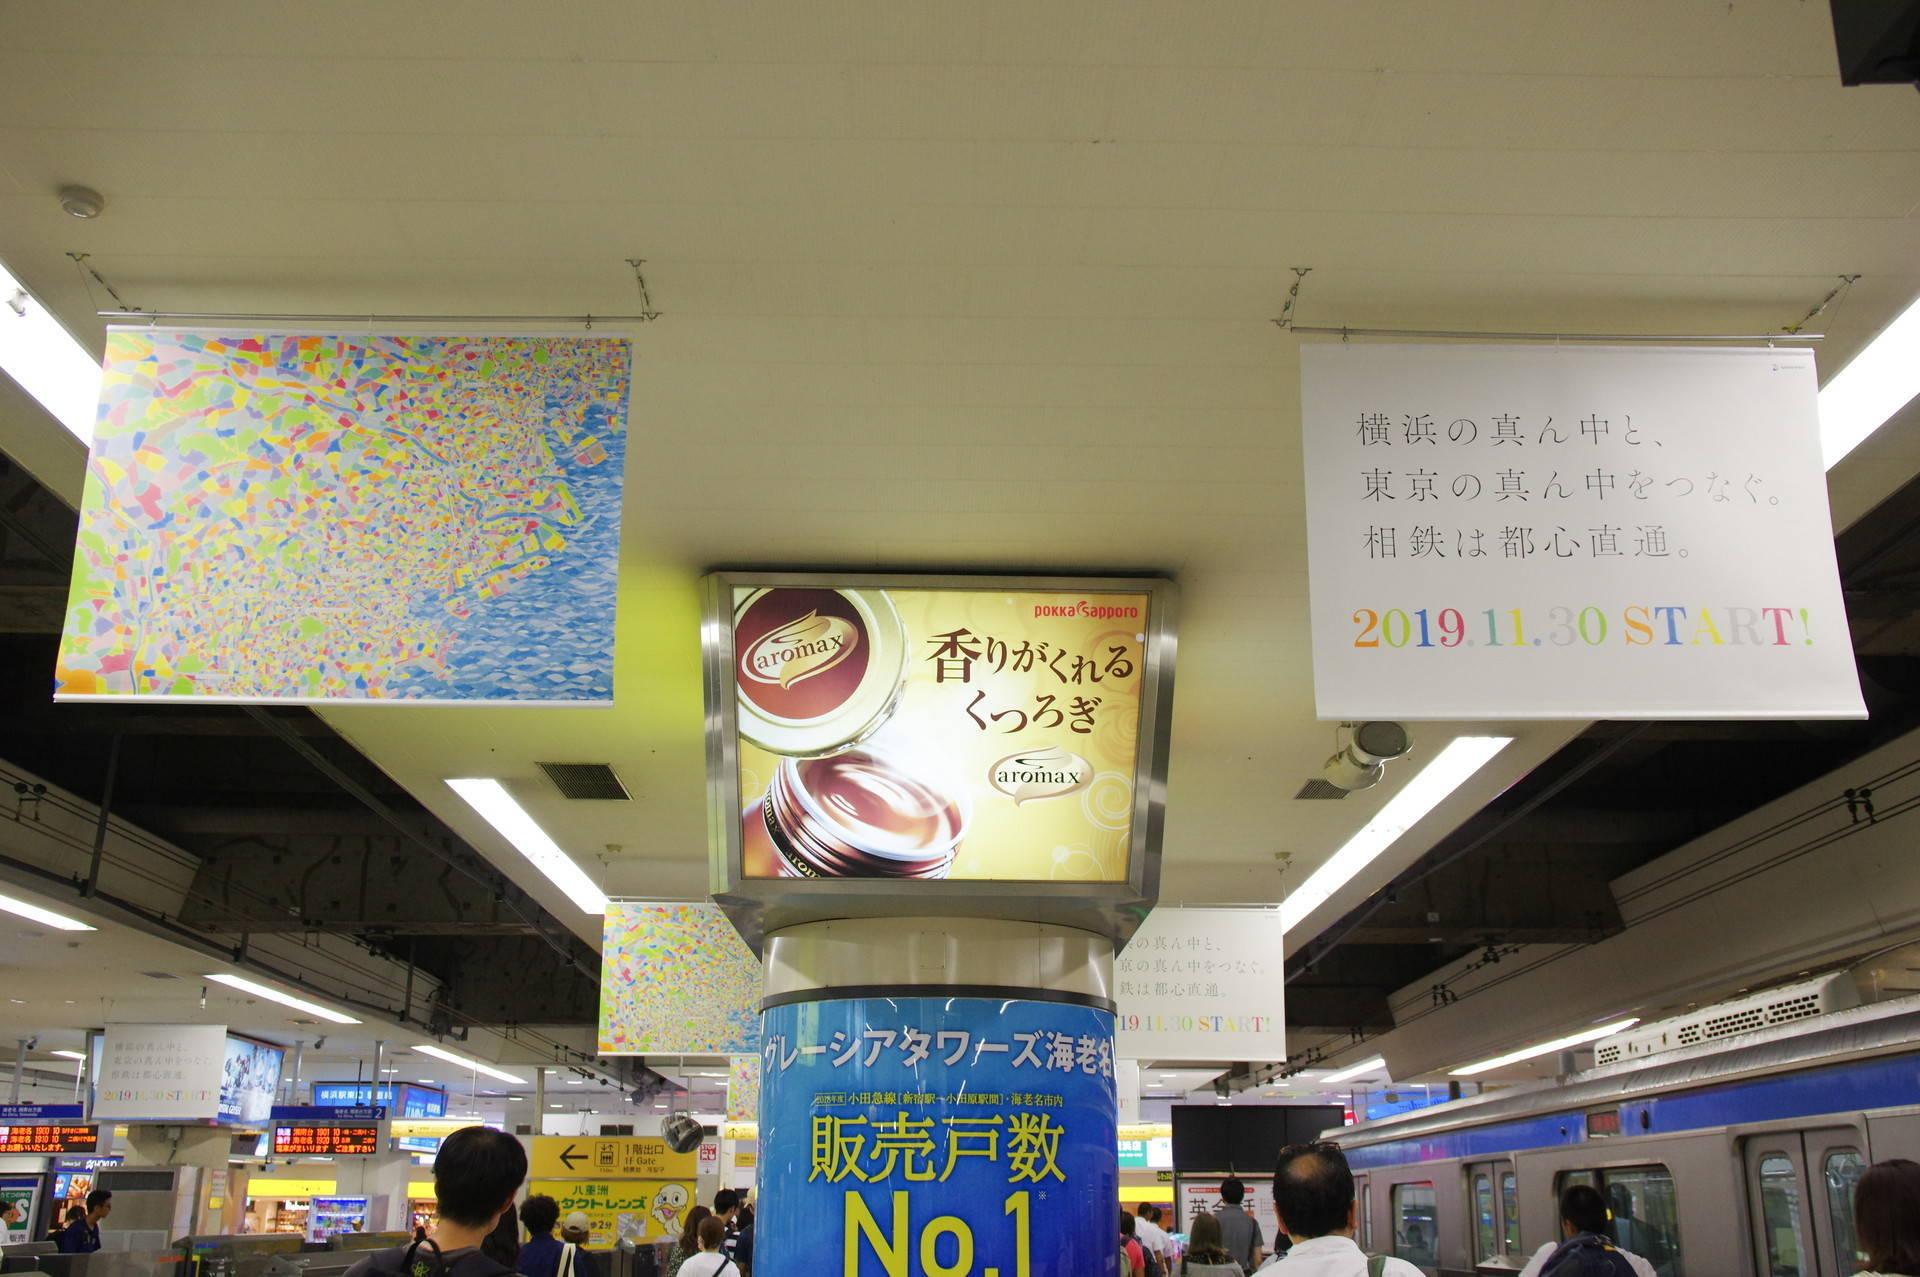 横浜駅に貼られていた都心直通広告